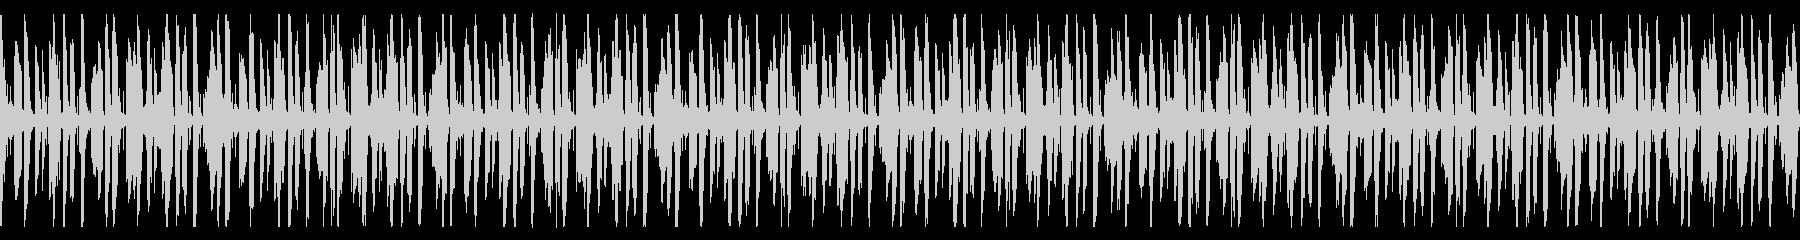 アップテンポなFuture Bassの未再生の波形